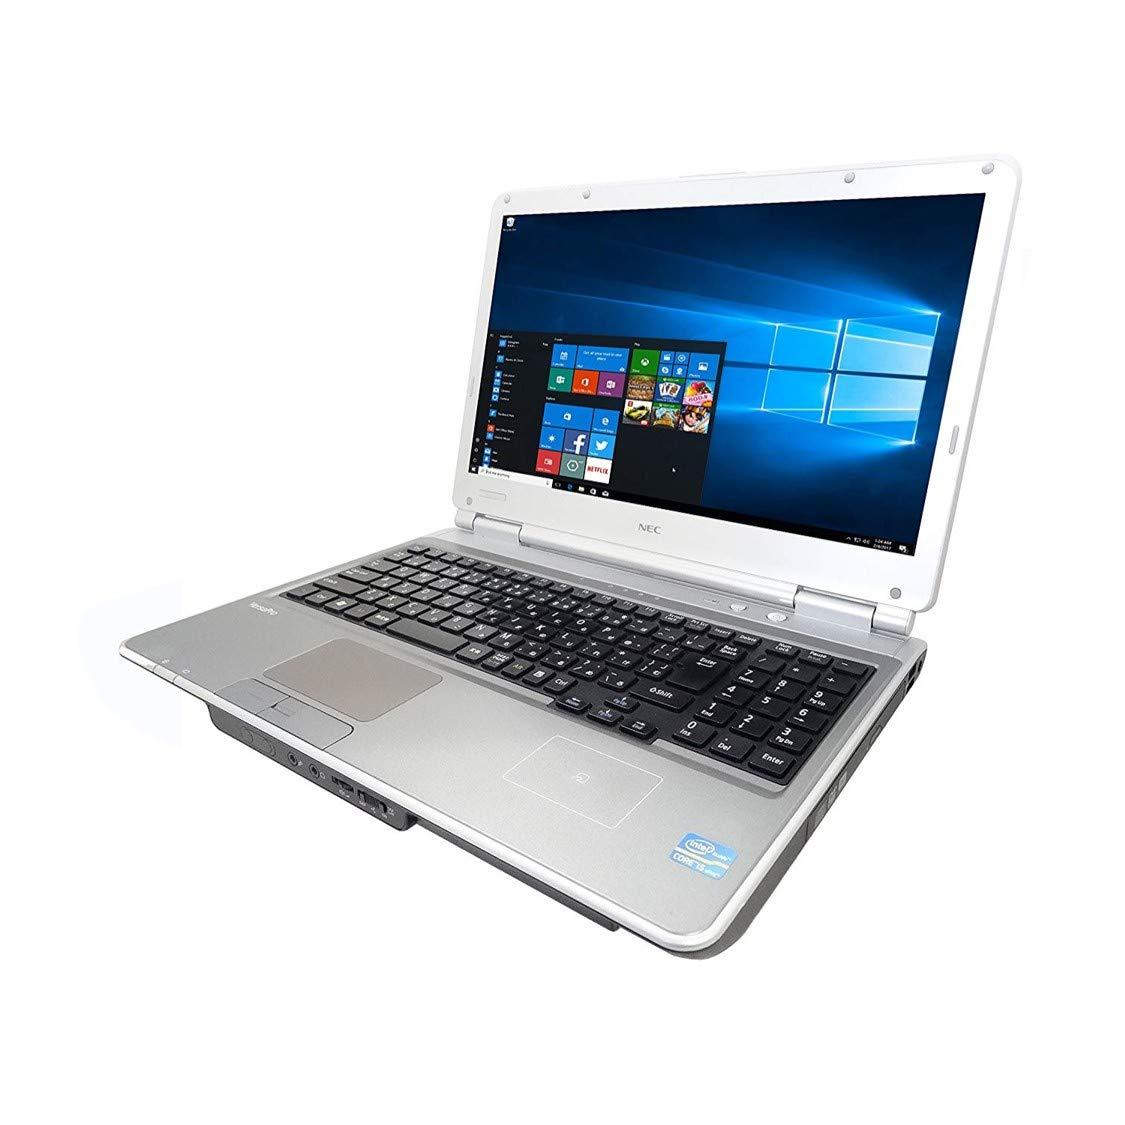 高質で安価 【Microsoft Office 2016搭載】【Win 2016搭載】【Win 10搭載】NEC VX-F B0773PCT21/第三世代Core 新品SSD:240GB i5-3310M 2.5GHz/超大容量メモリー8GB/新品SSD:240GB/DVDスーパーマルチ/10キー付/大画面15インチ/無線LAN搭載/中古ノートパソコン (新品SSD:240GB) B0773PCT21 新品SSD:240GB, clover(クローバー):cd0b2c01 --- arbimovel.dominiotemporario.com